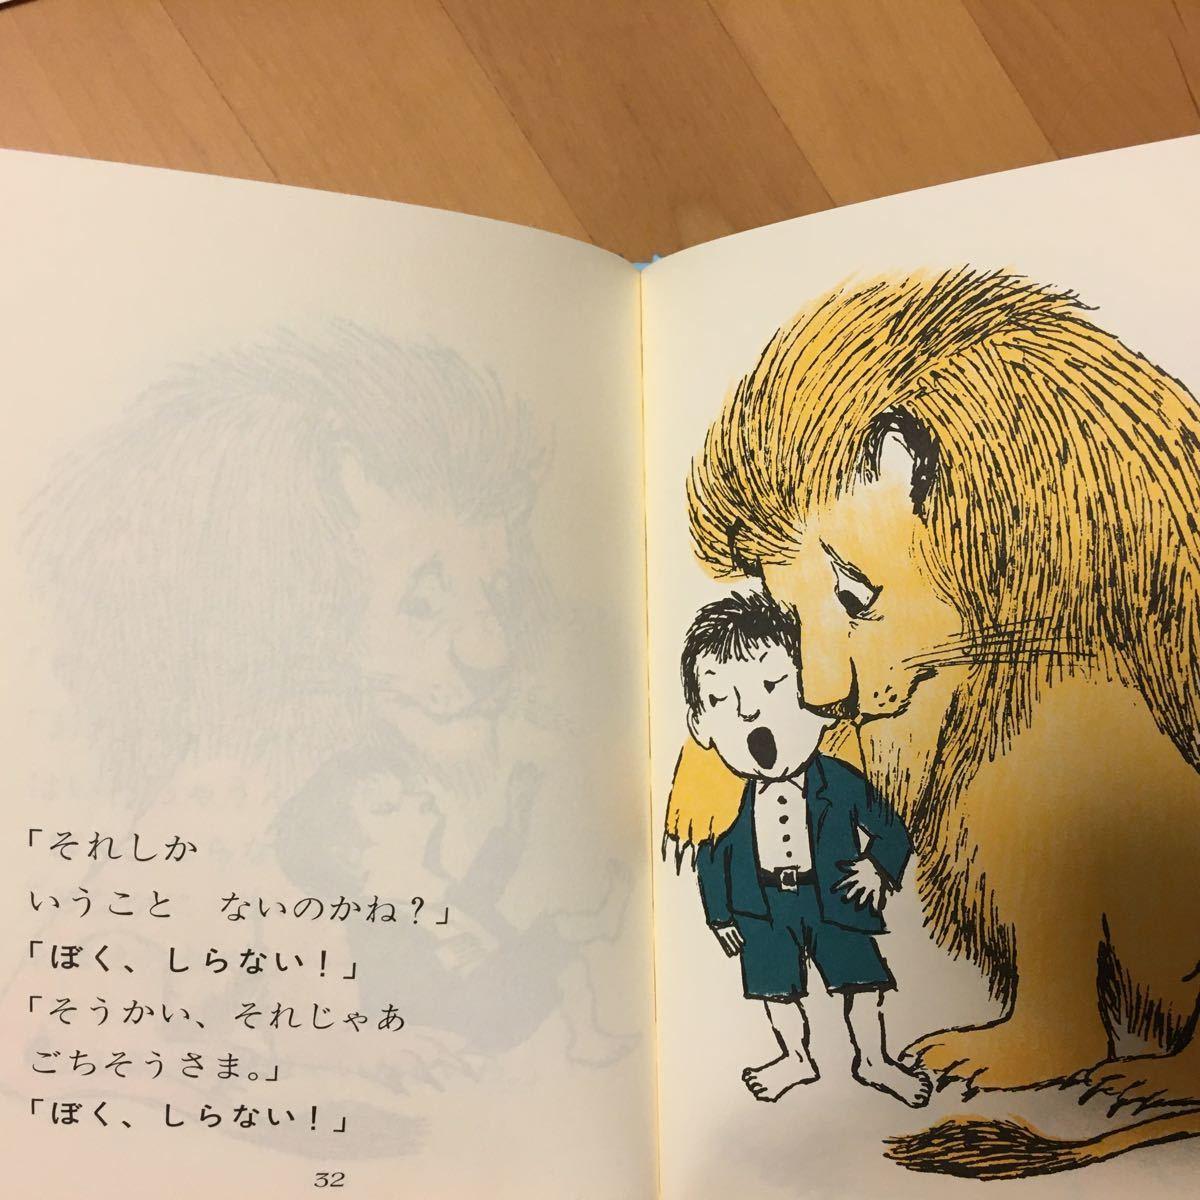 ピエ-ルとライオン はじまりのうたといつつのまき 冨山房/モ-リス・センダック